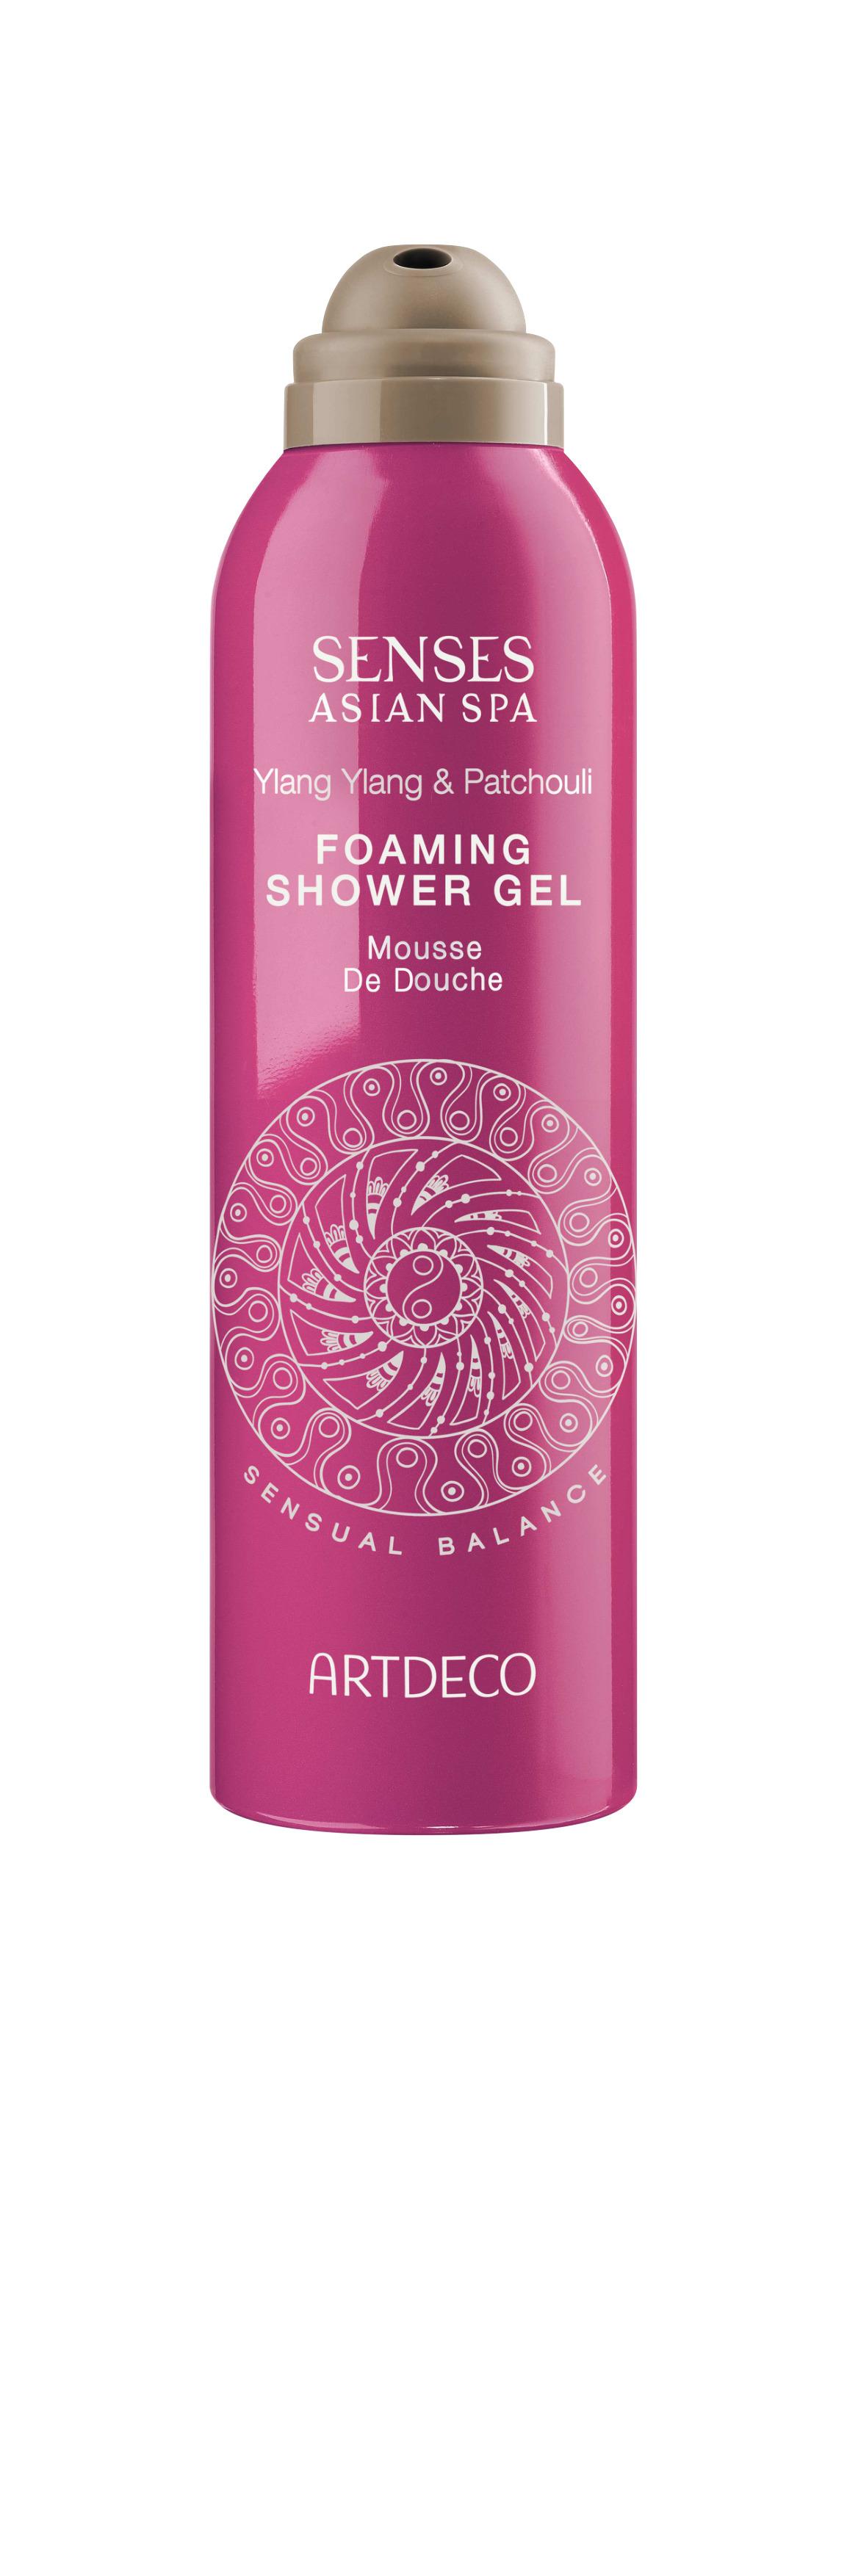 Artdeco гель-пена для душа Foaming shower gel, sensual balance, 200 млFS-00103Нежно очищает, увлажняет, питает и восстанавливает кожуПри контакте с водой превращается в воздушную пену